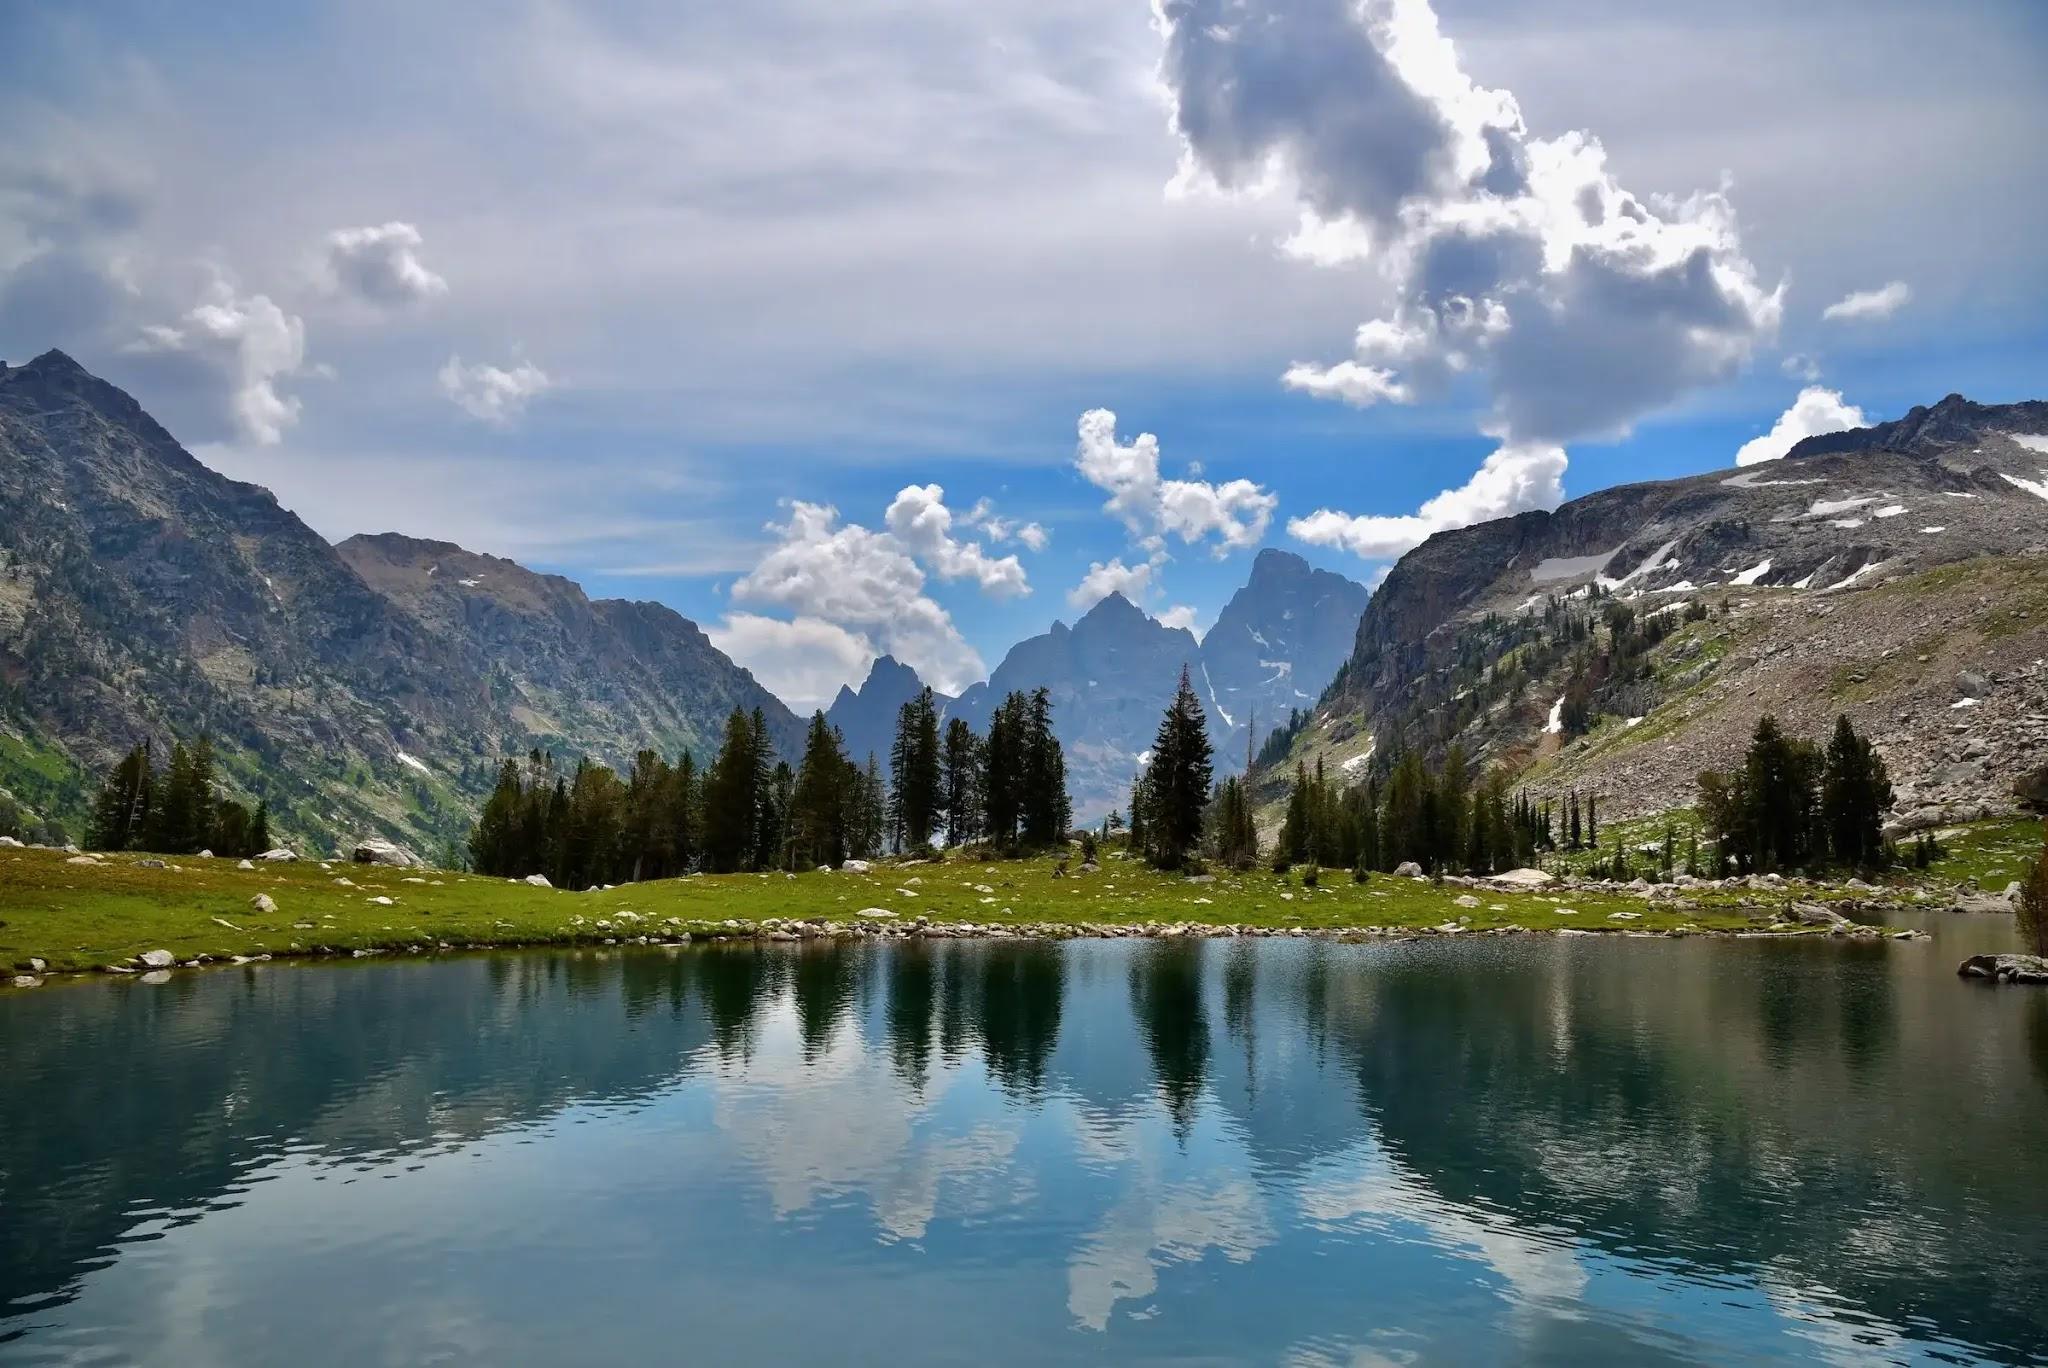 Озеро Одиночество парка Гранд-Титон